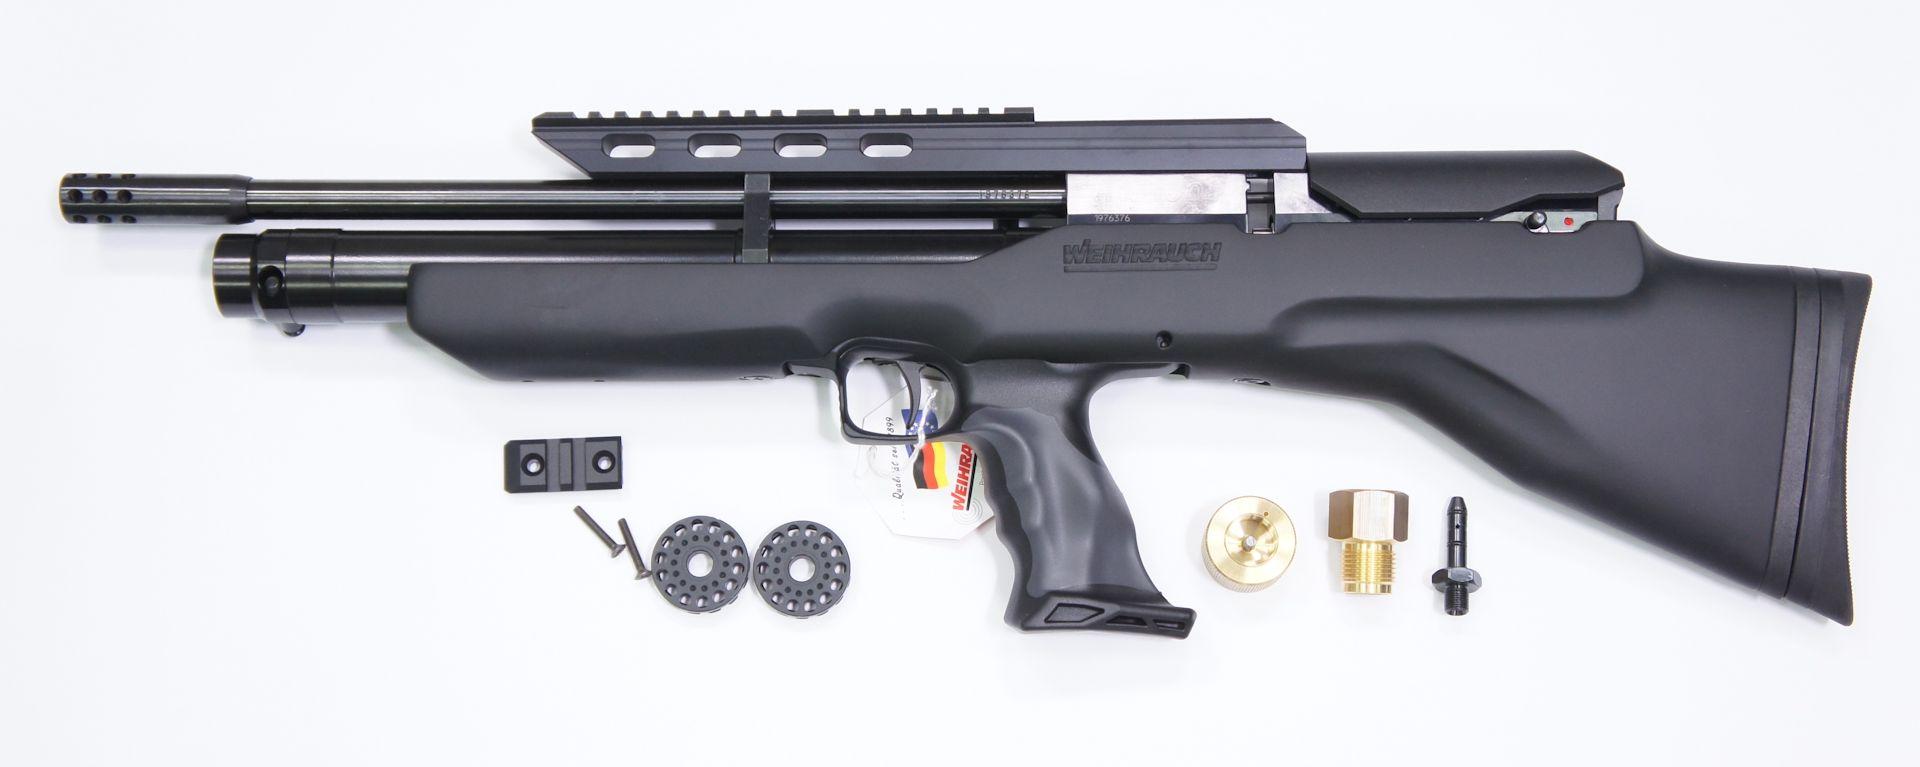 Zum Lieferumfang beim Luftgewehr Weihrauch HW 100 Bullpup gehören diese Teile